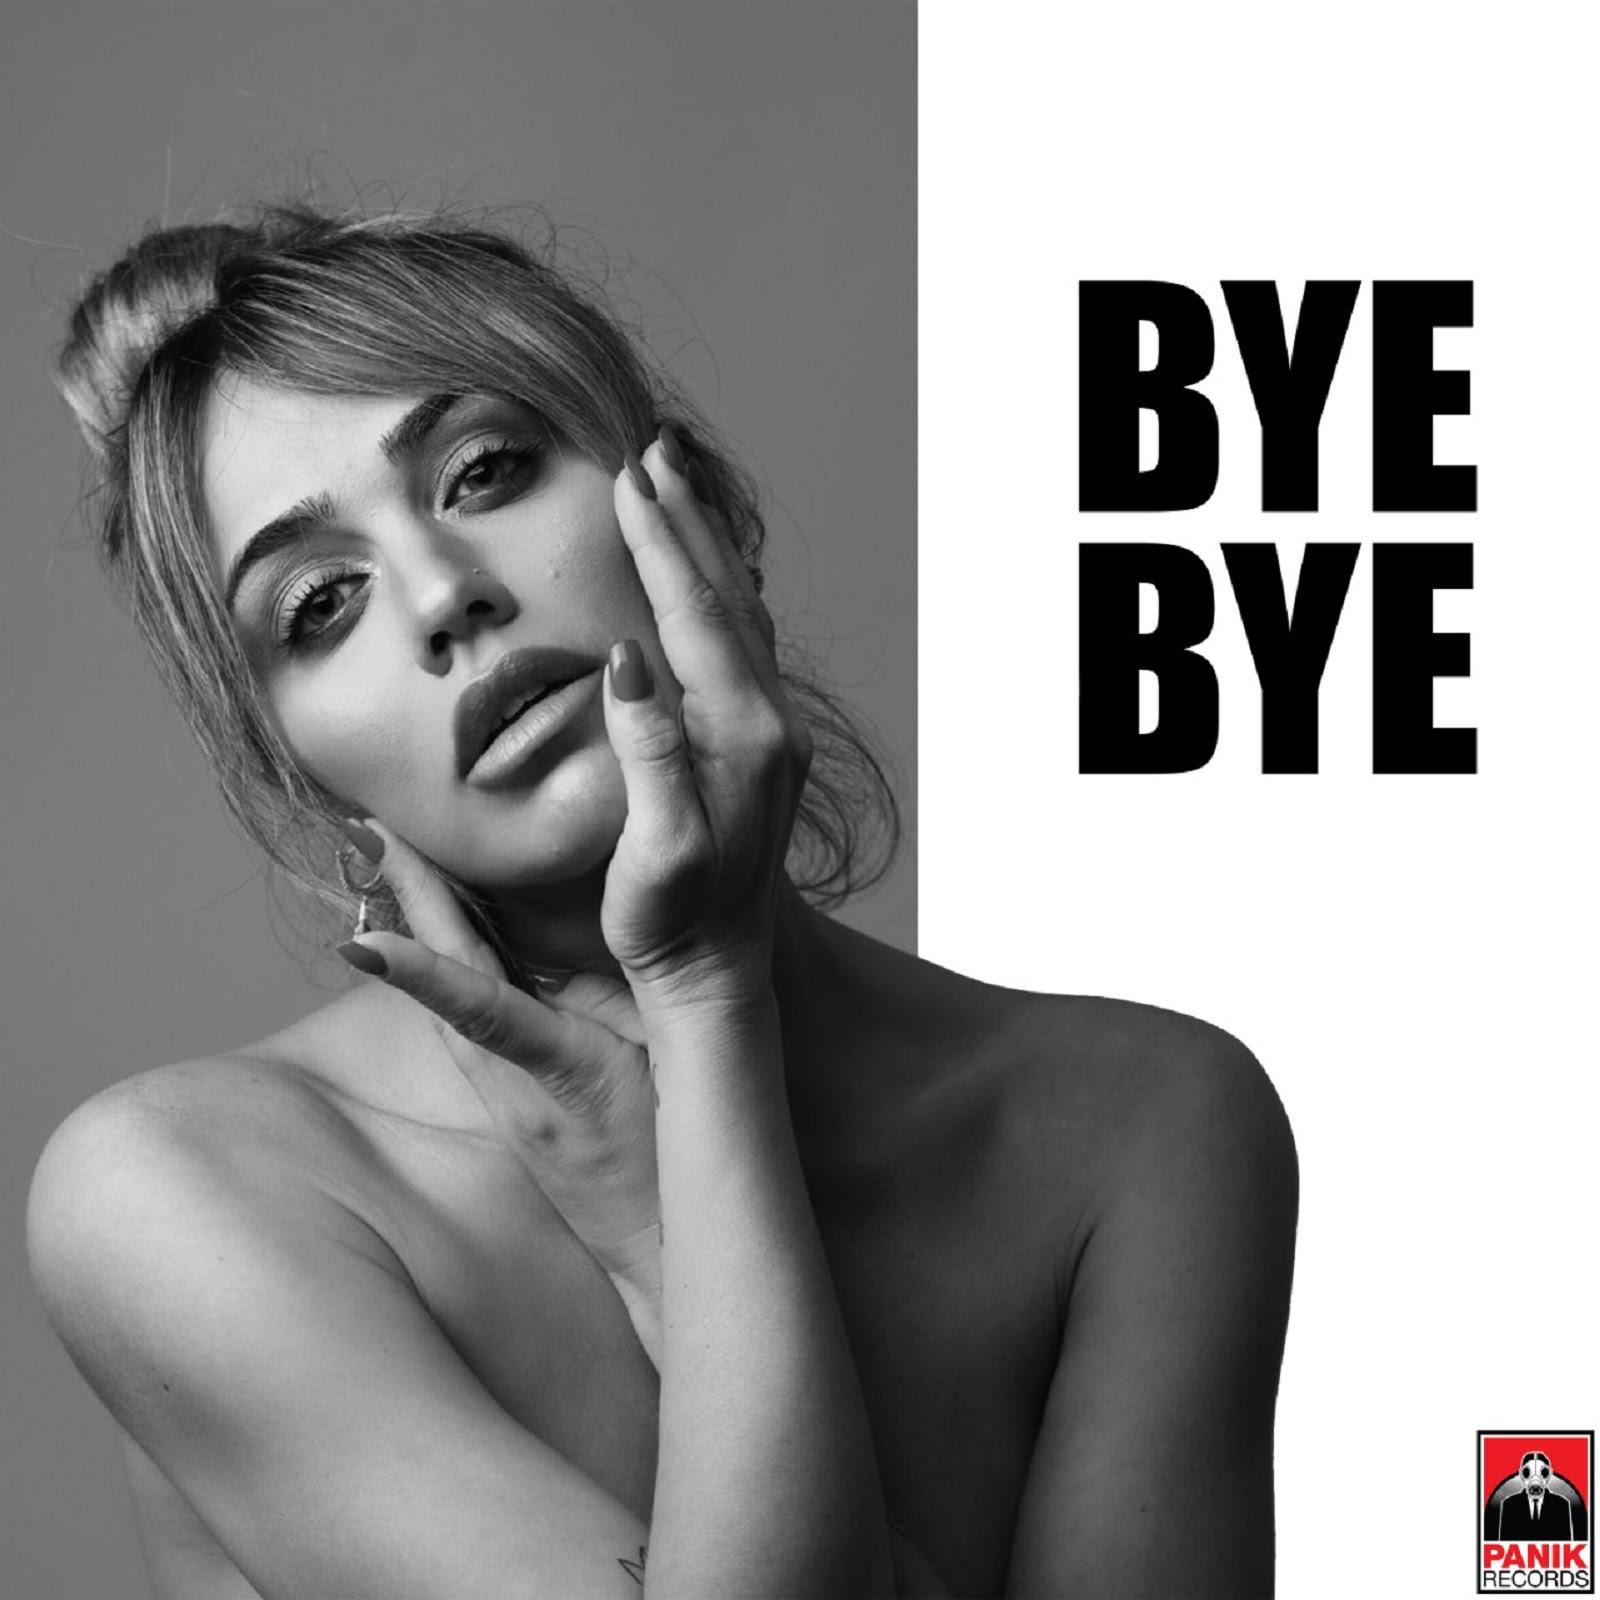 Η Konnie Metaxa λέει… «Bye Bye»